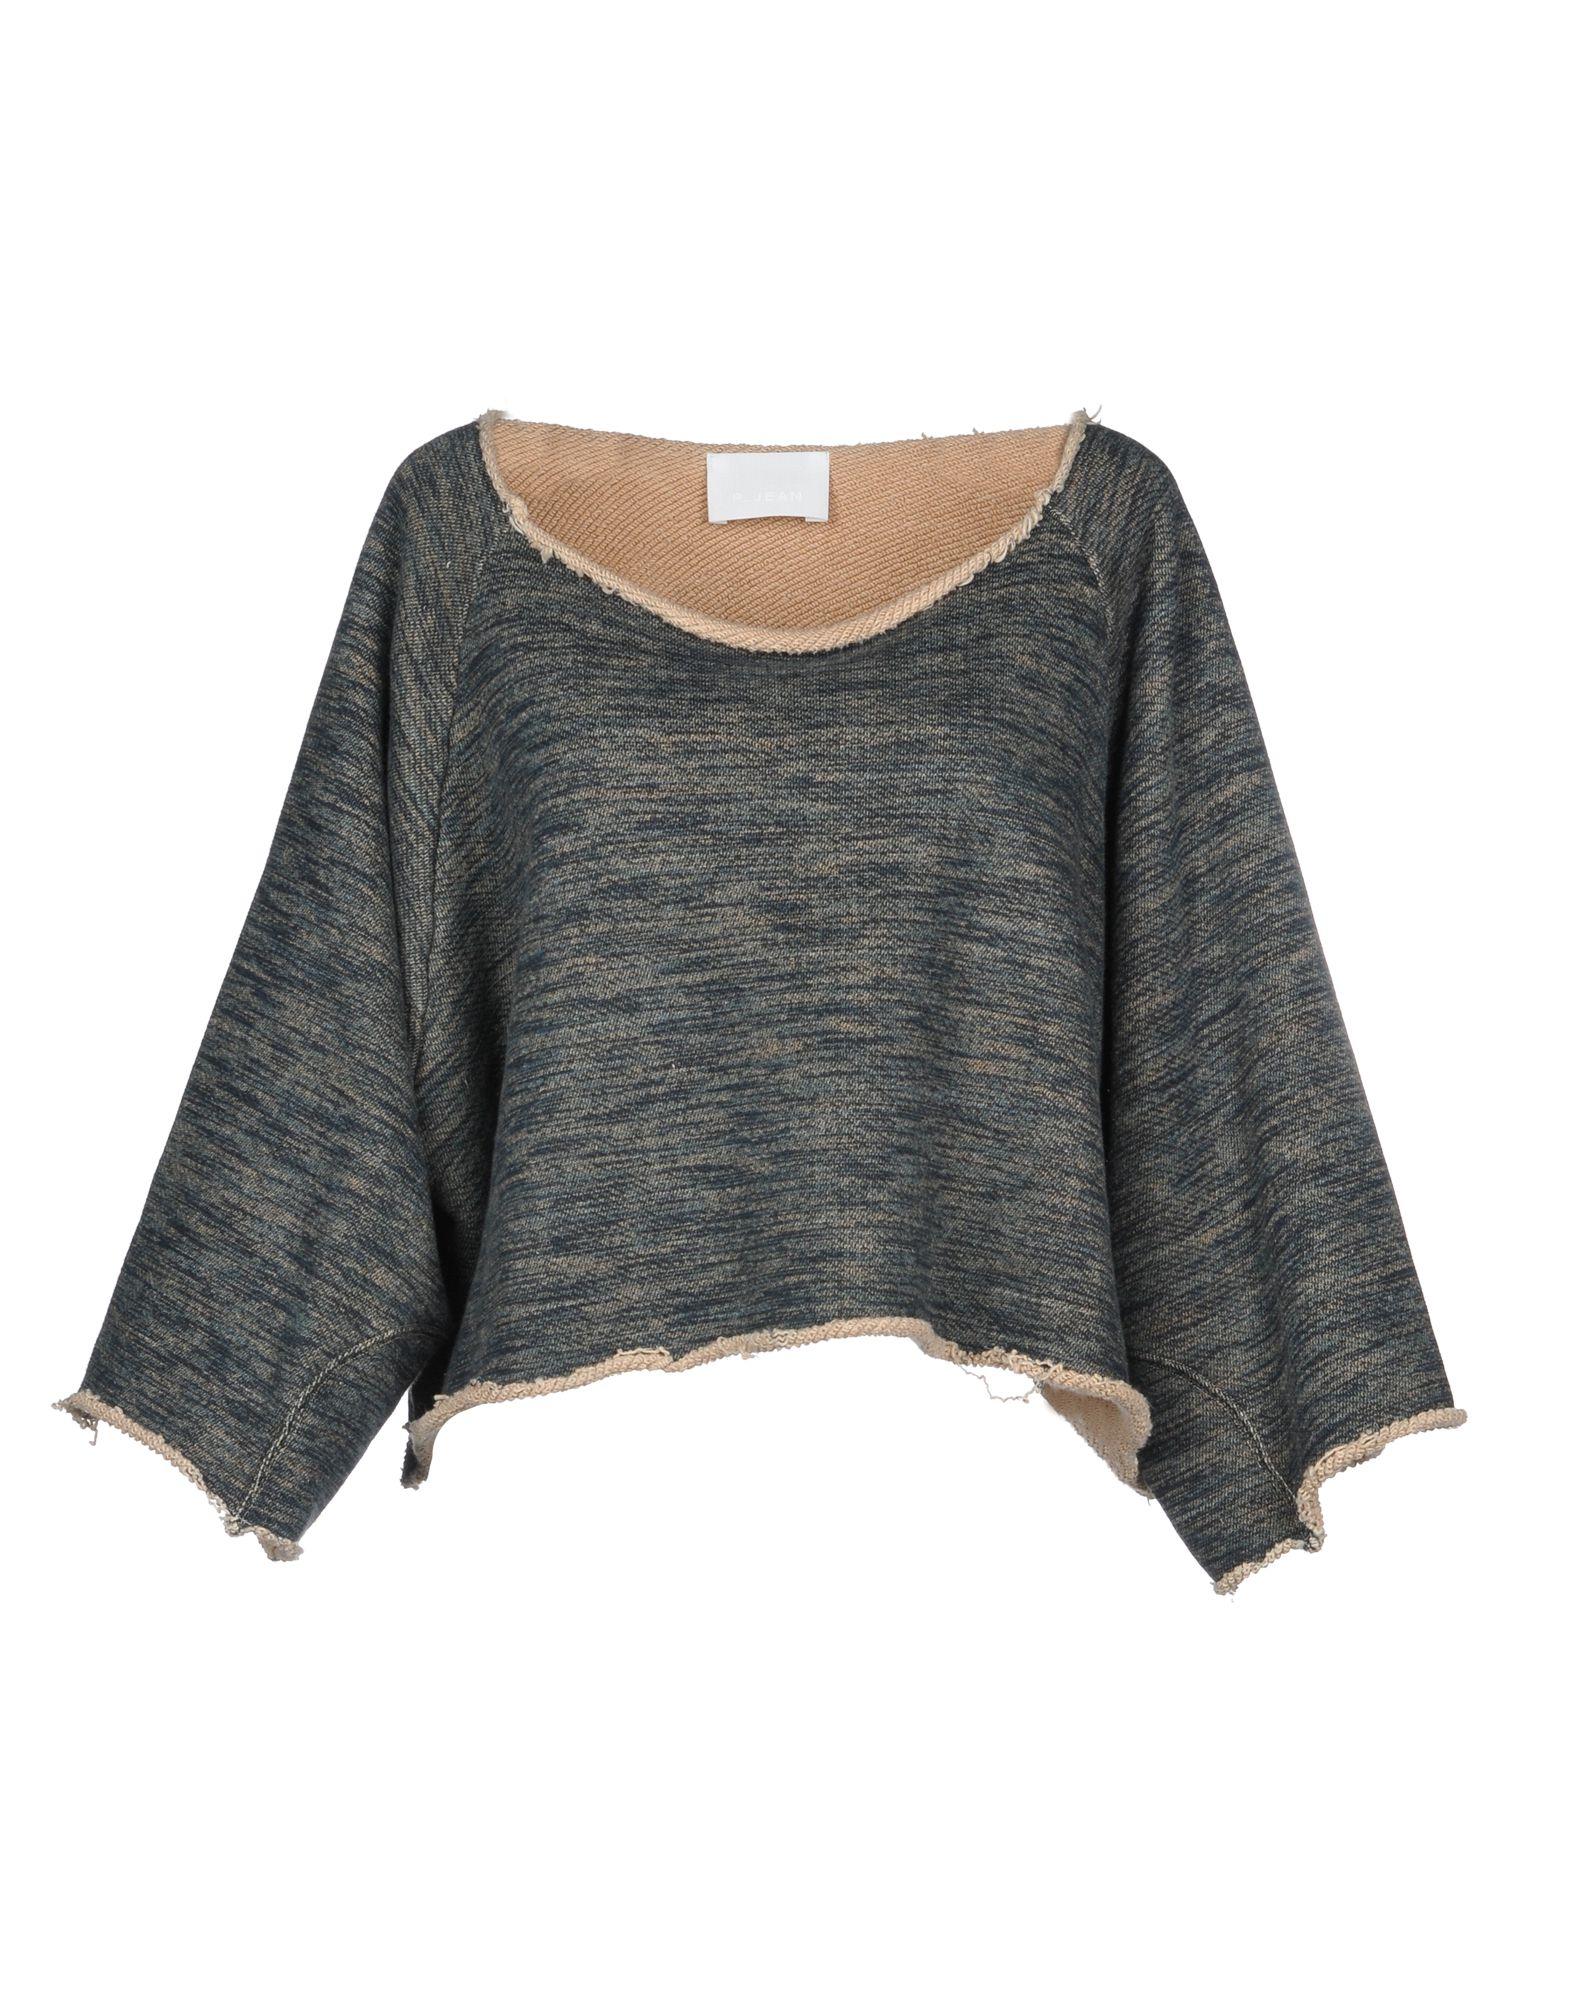 《送料無料》P_JEAN レディース スウェットシャツ ブルーグレー XS コットン 100%